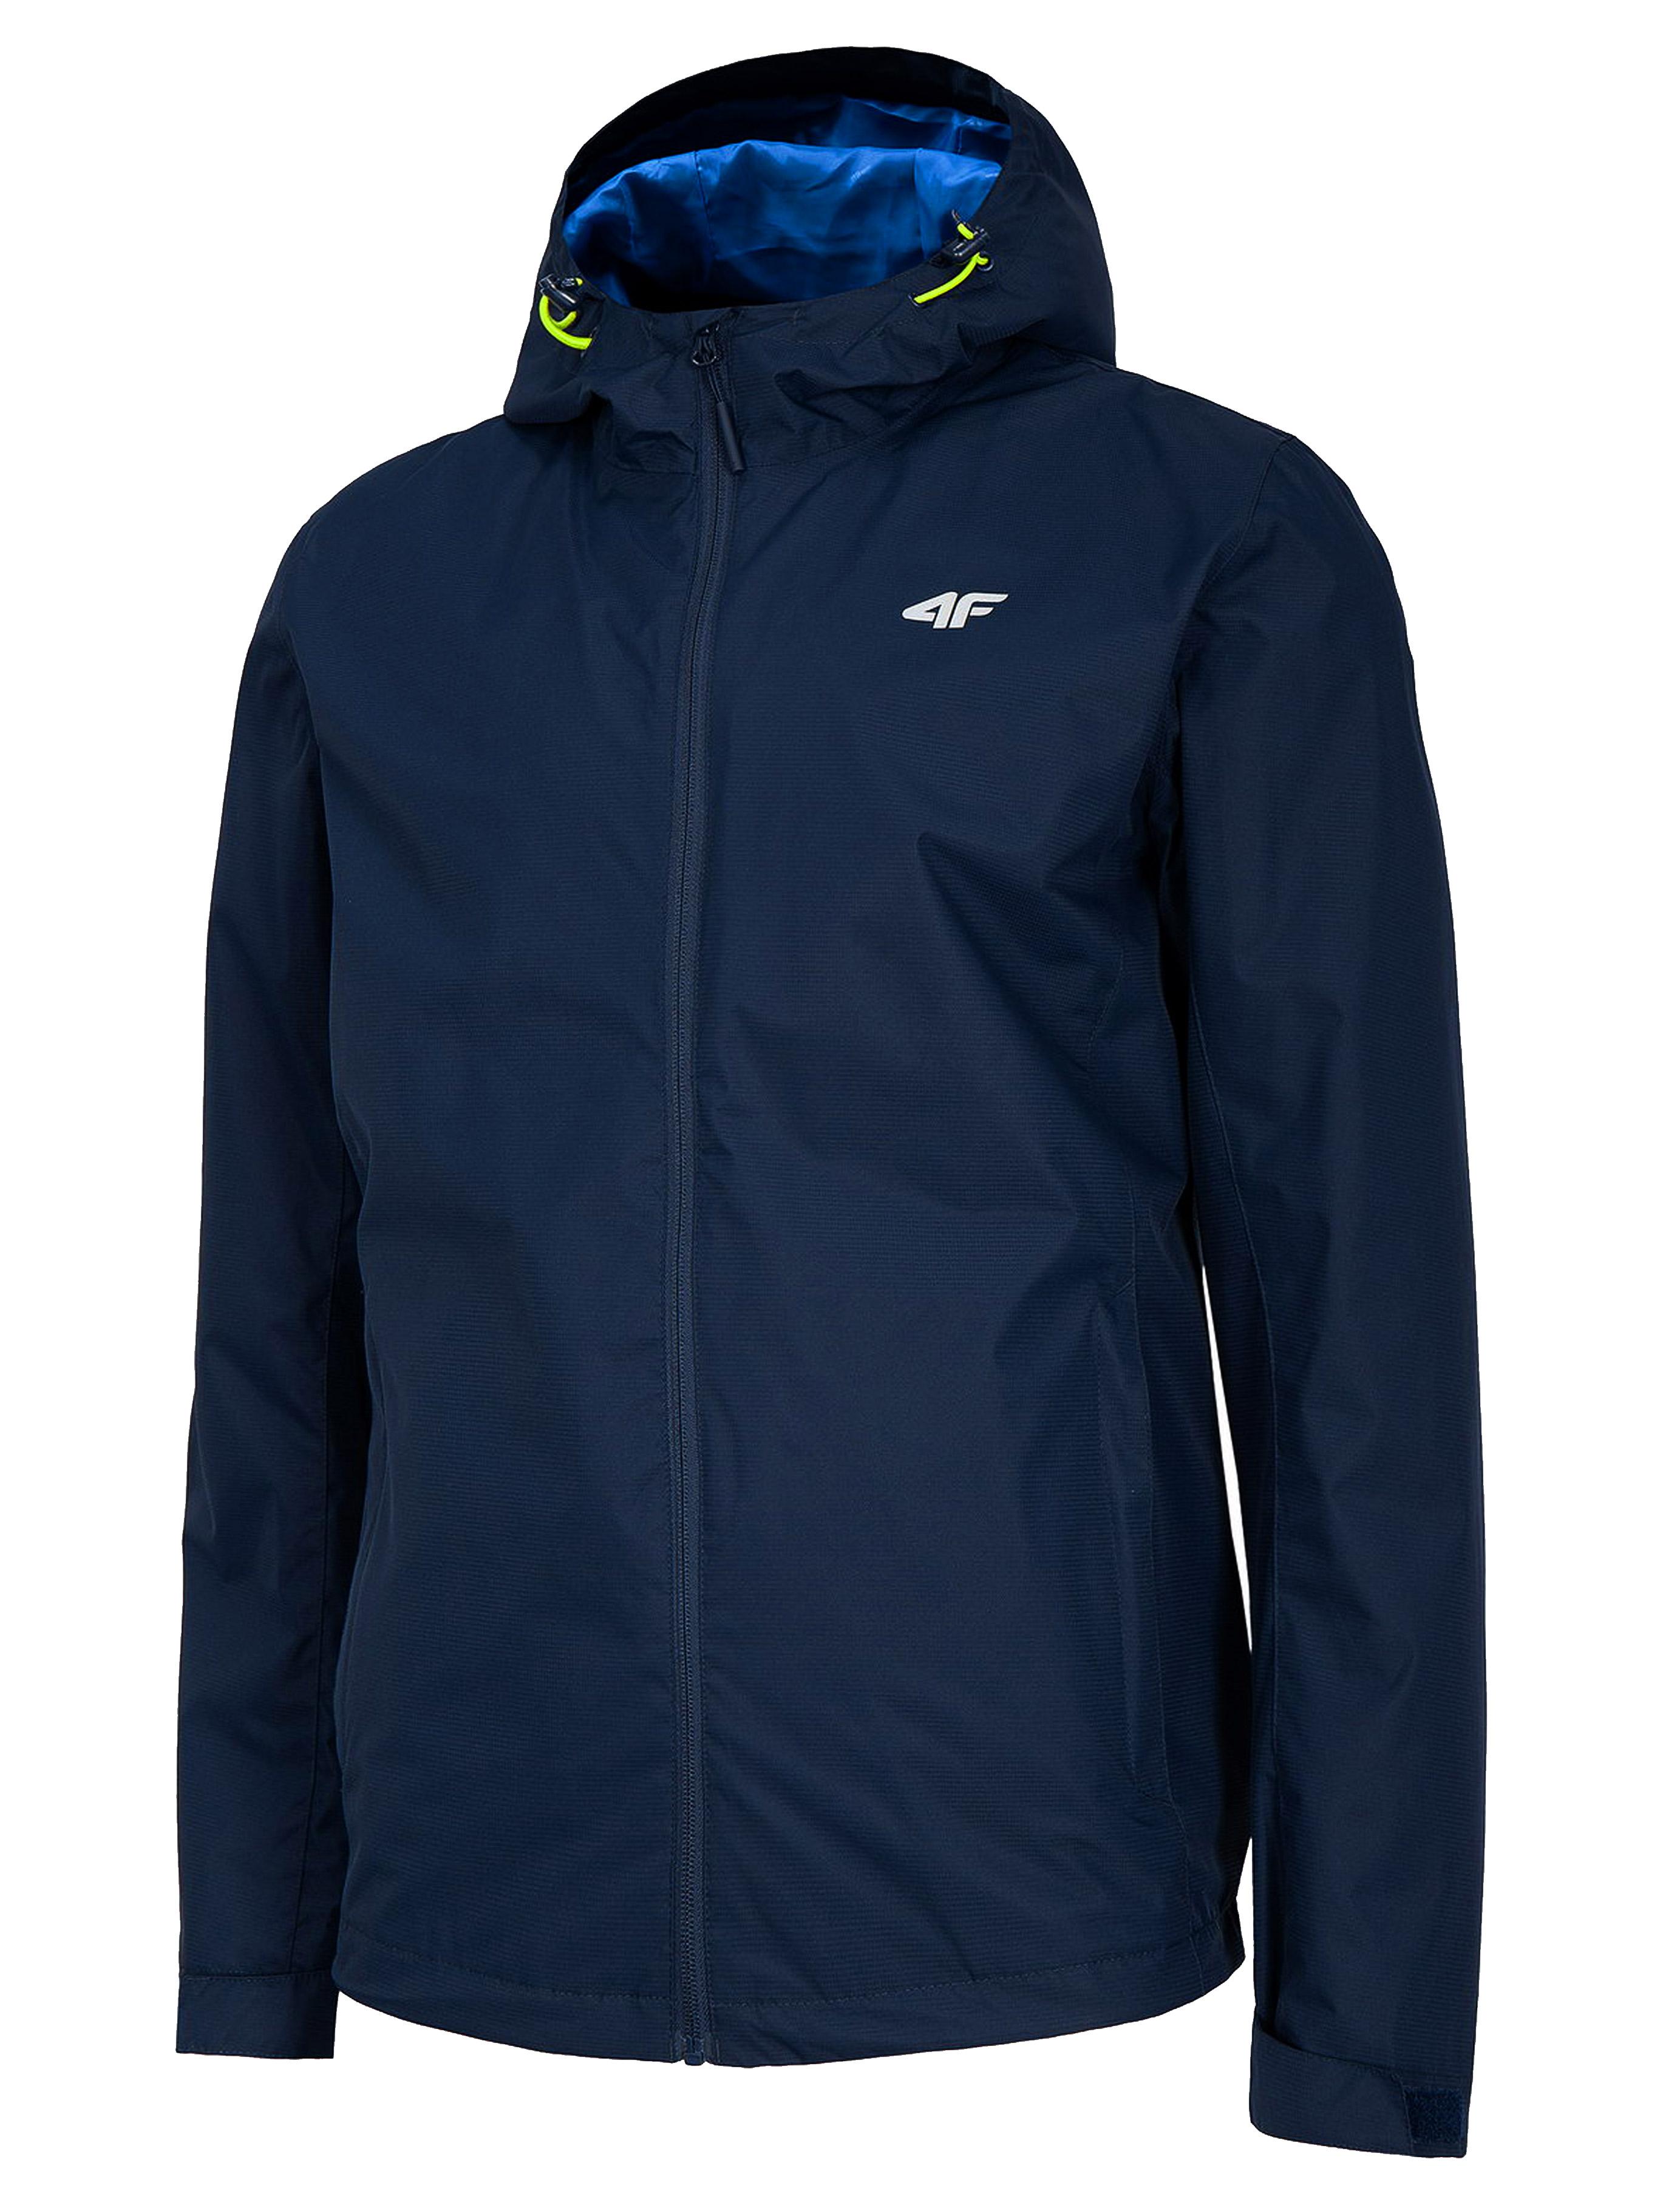 ג'קט ומעיל פור אף לגברים 4F rain jacket - כחול כהה